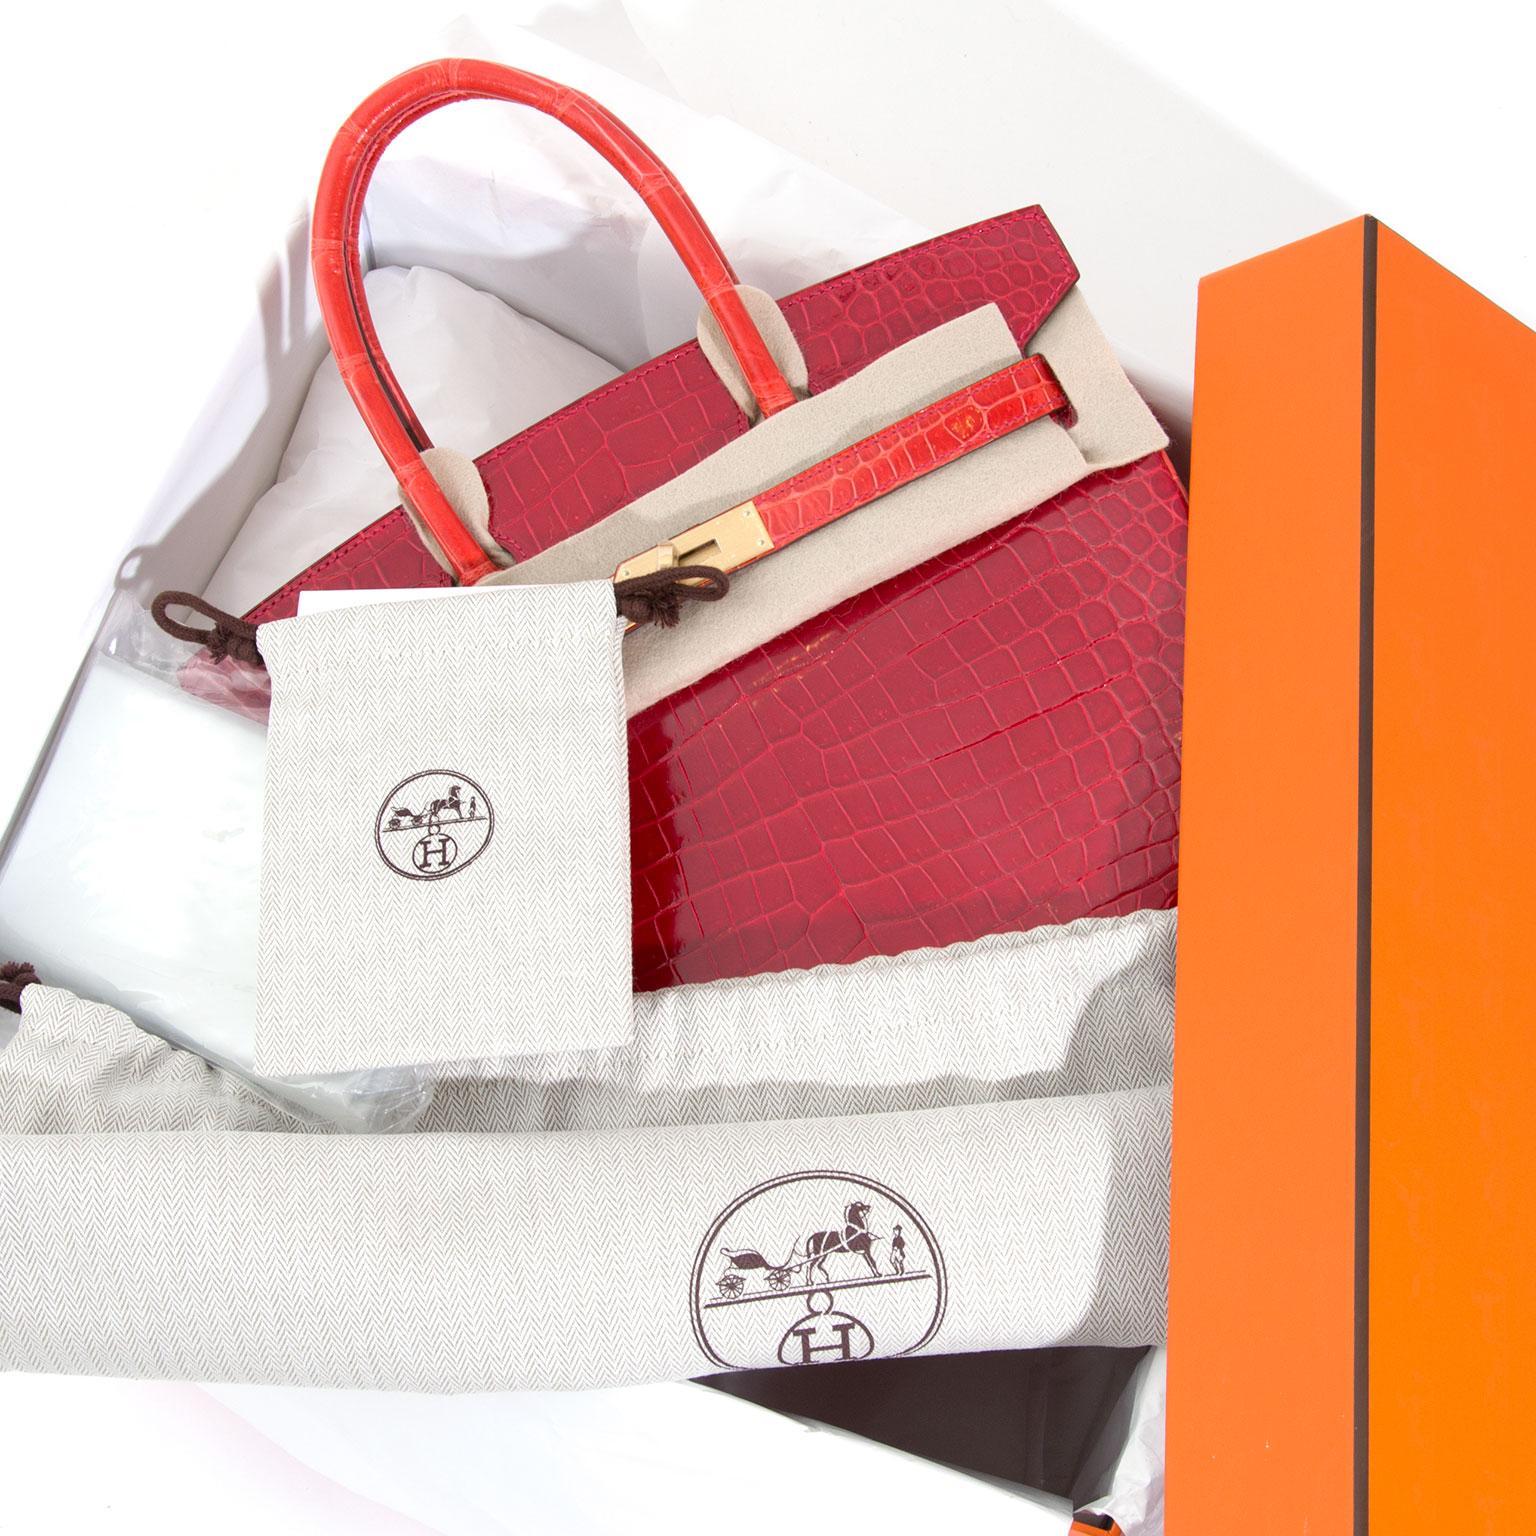 commande special order piece unique horseshoe Achetez en ligne seconde main luxe sacs à main, à dos, au épaule.  BRAND NEW Hermès Birkin Bicolor Red & Orange Croco Porosus Lisse Permabrass